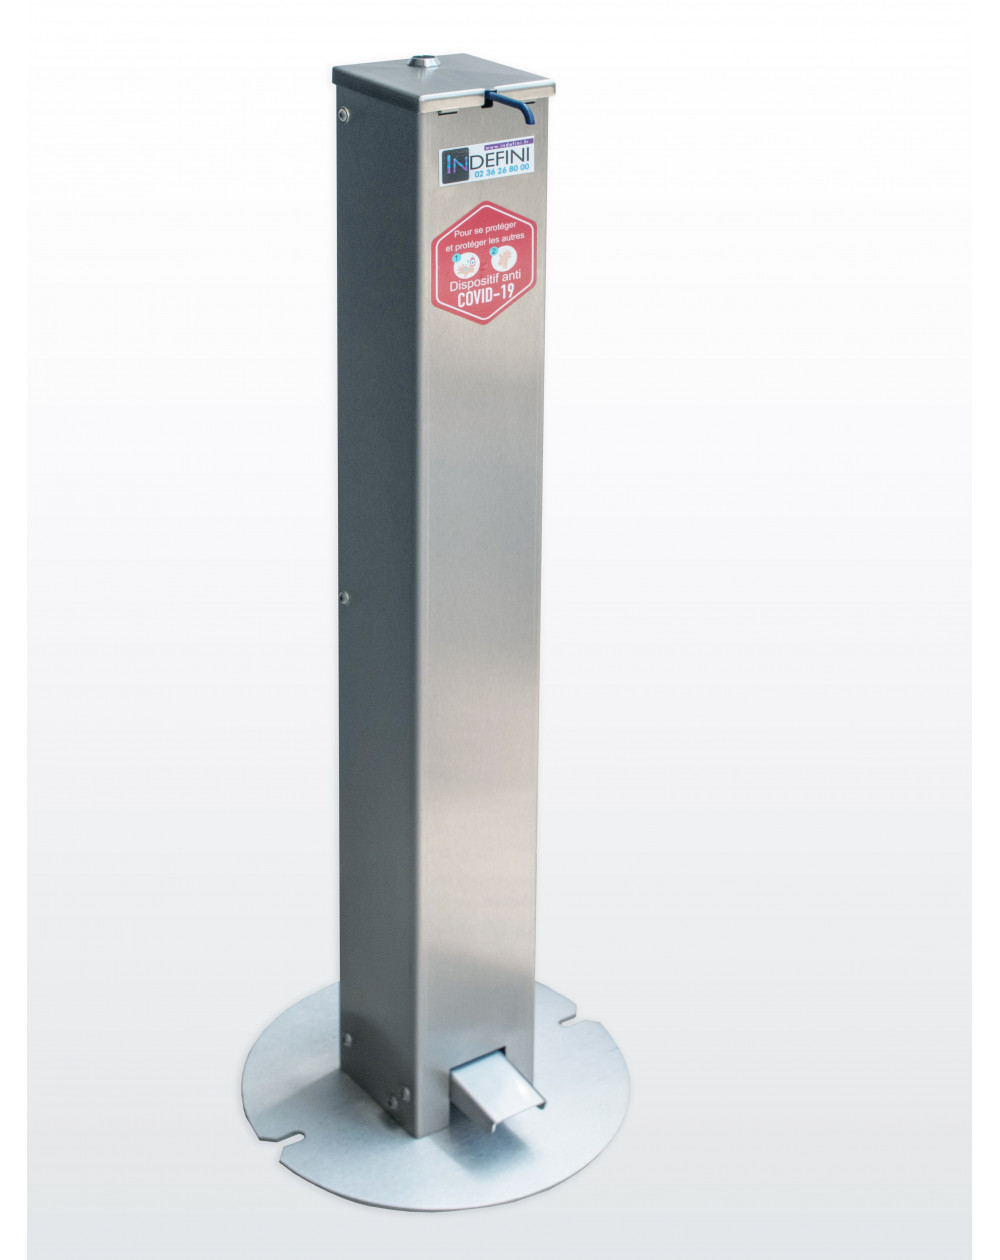 Distributeur de gel hydroalcoolique sans contact - Borne Hydro'gel - Covid 19